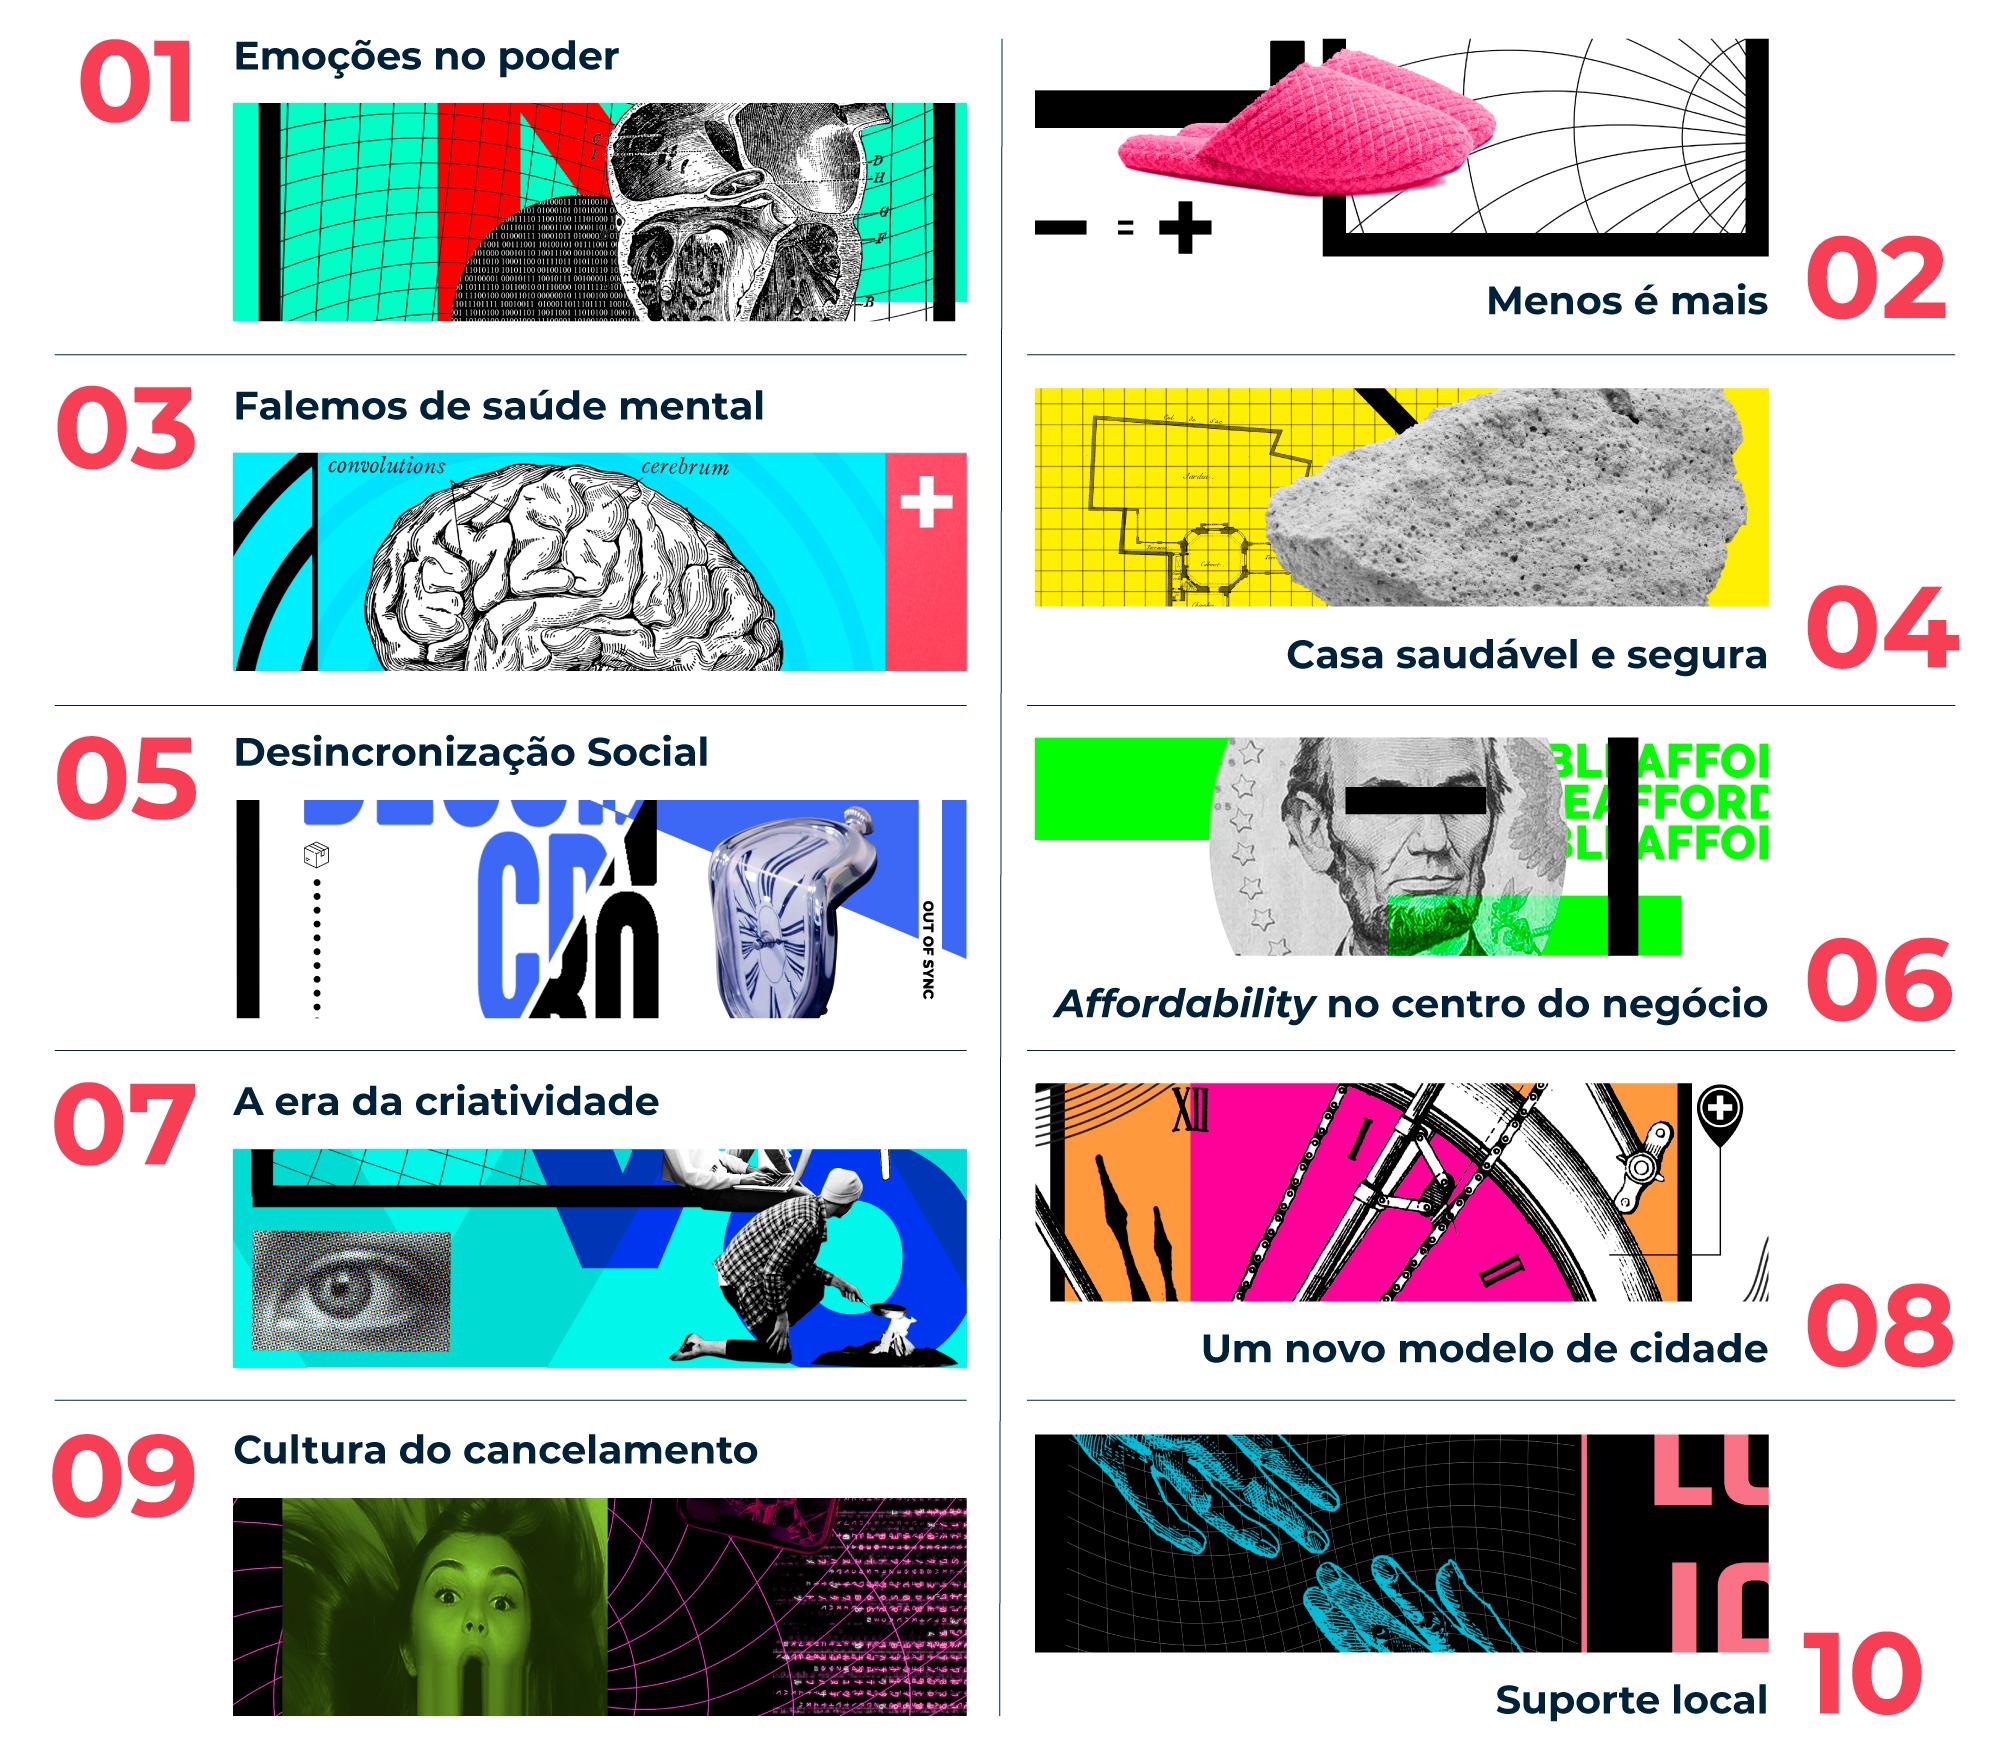 210202_tendencias_BR_desktop